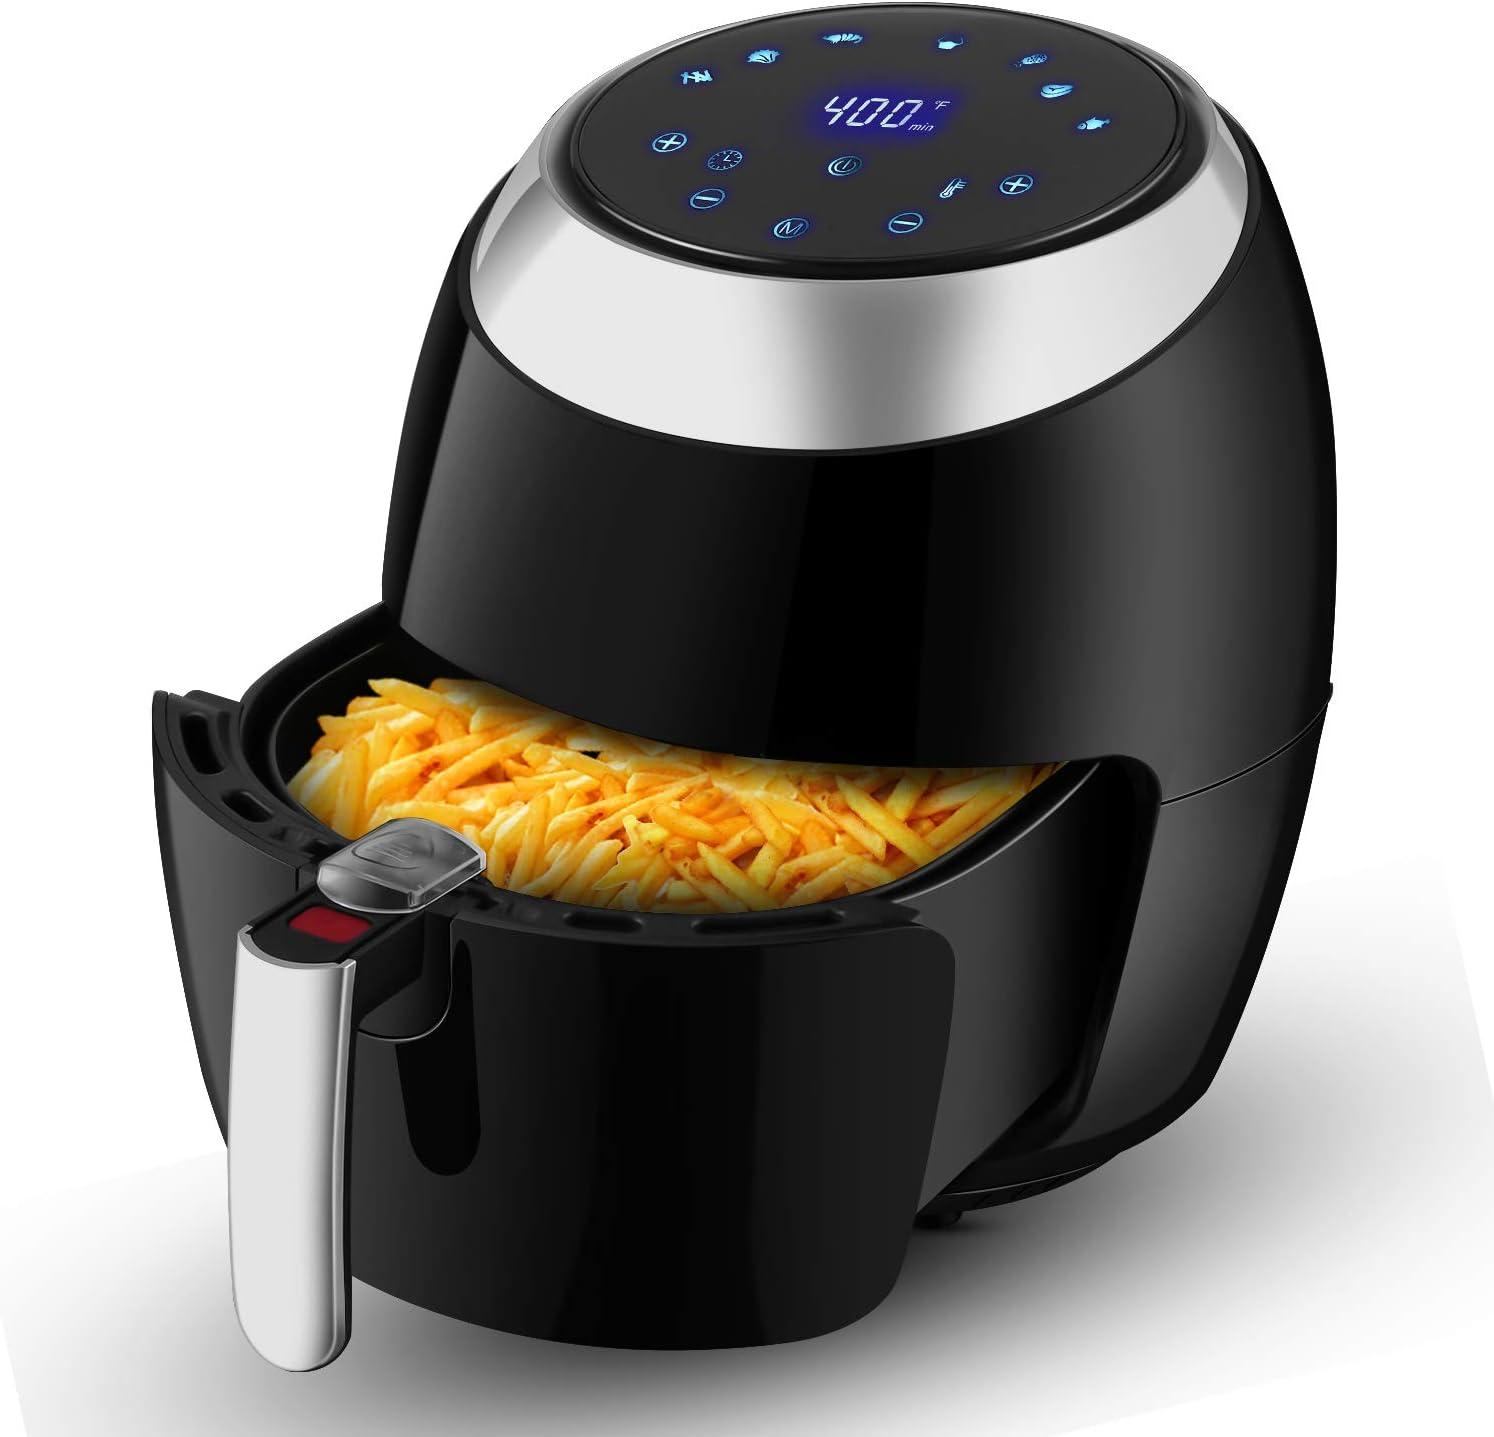 6.8 QT Air Fryer XL, Electric Hot Air Fryers Oven Oilless Cooker with LCD Digital Touch Screen, 1800 Watt (Black